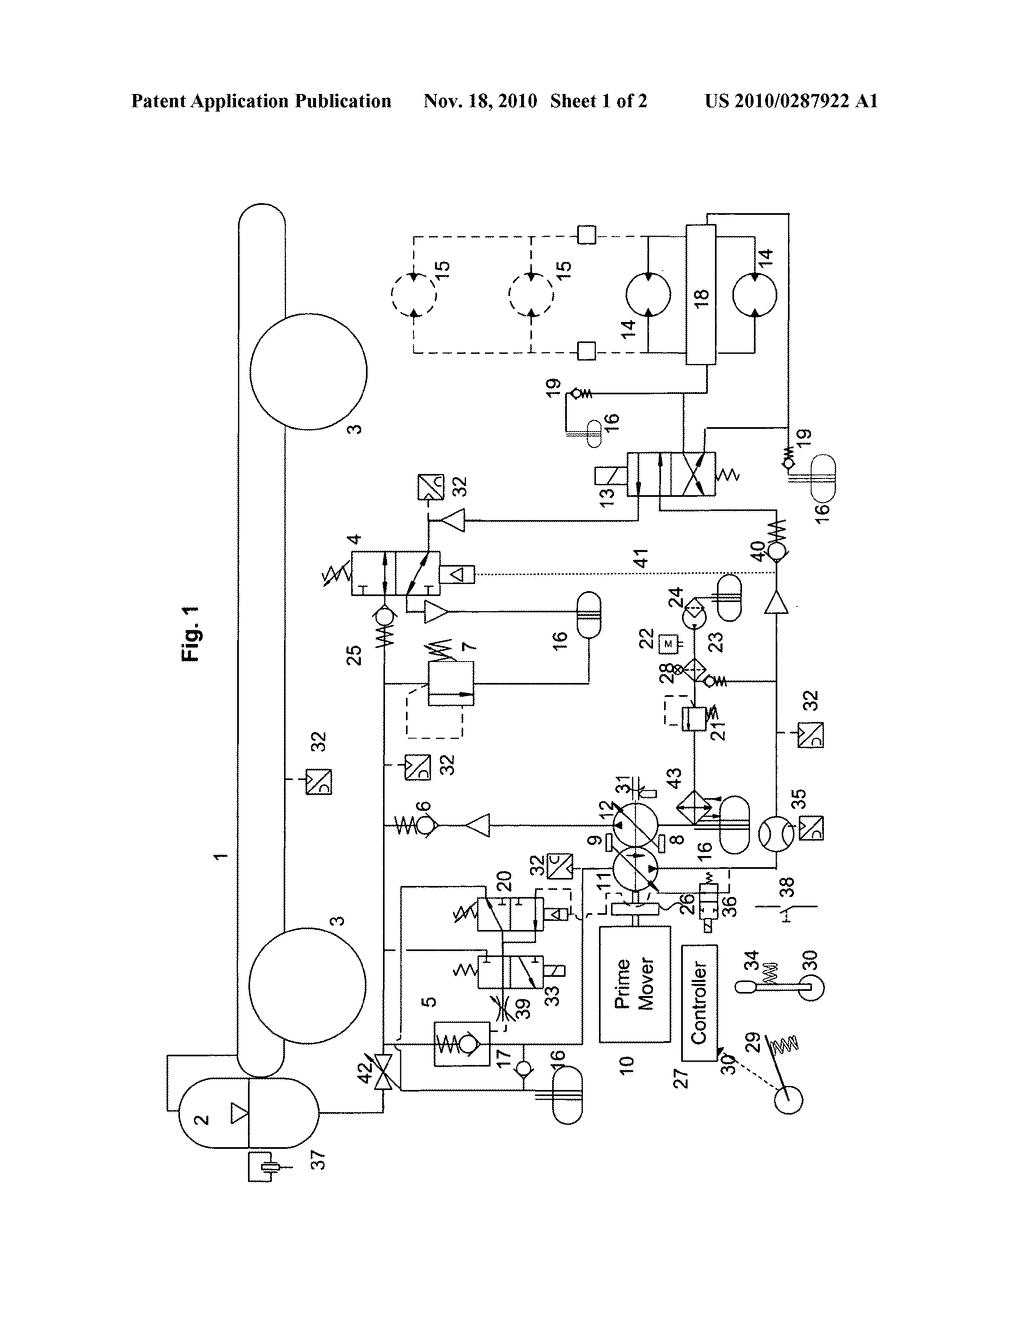 Hydraulic Accumulator Diagram : Hydraulic drive system diagram wiring images